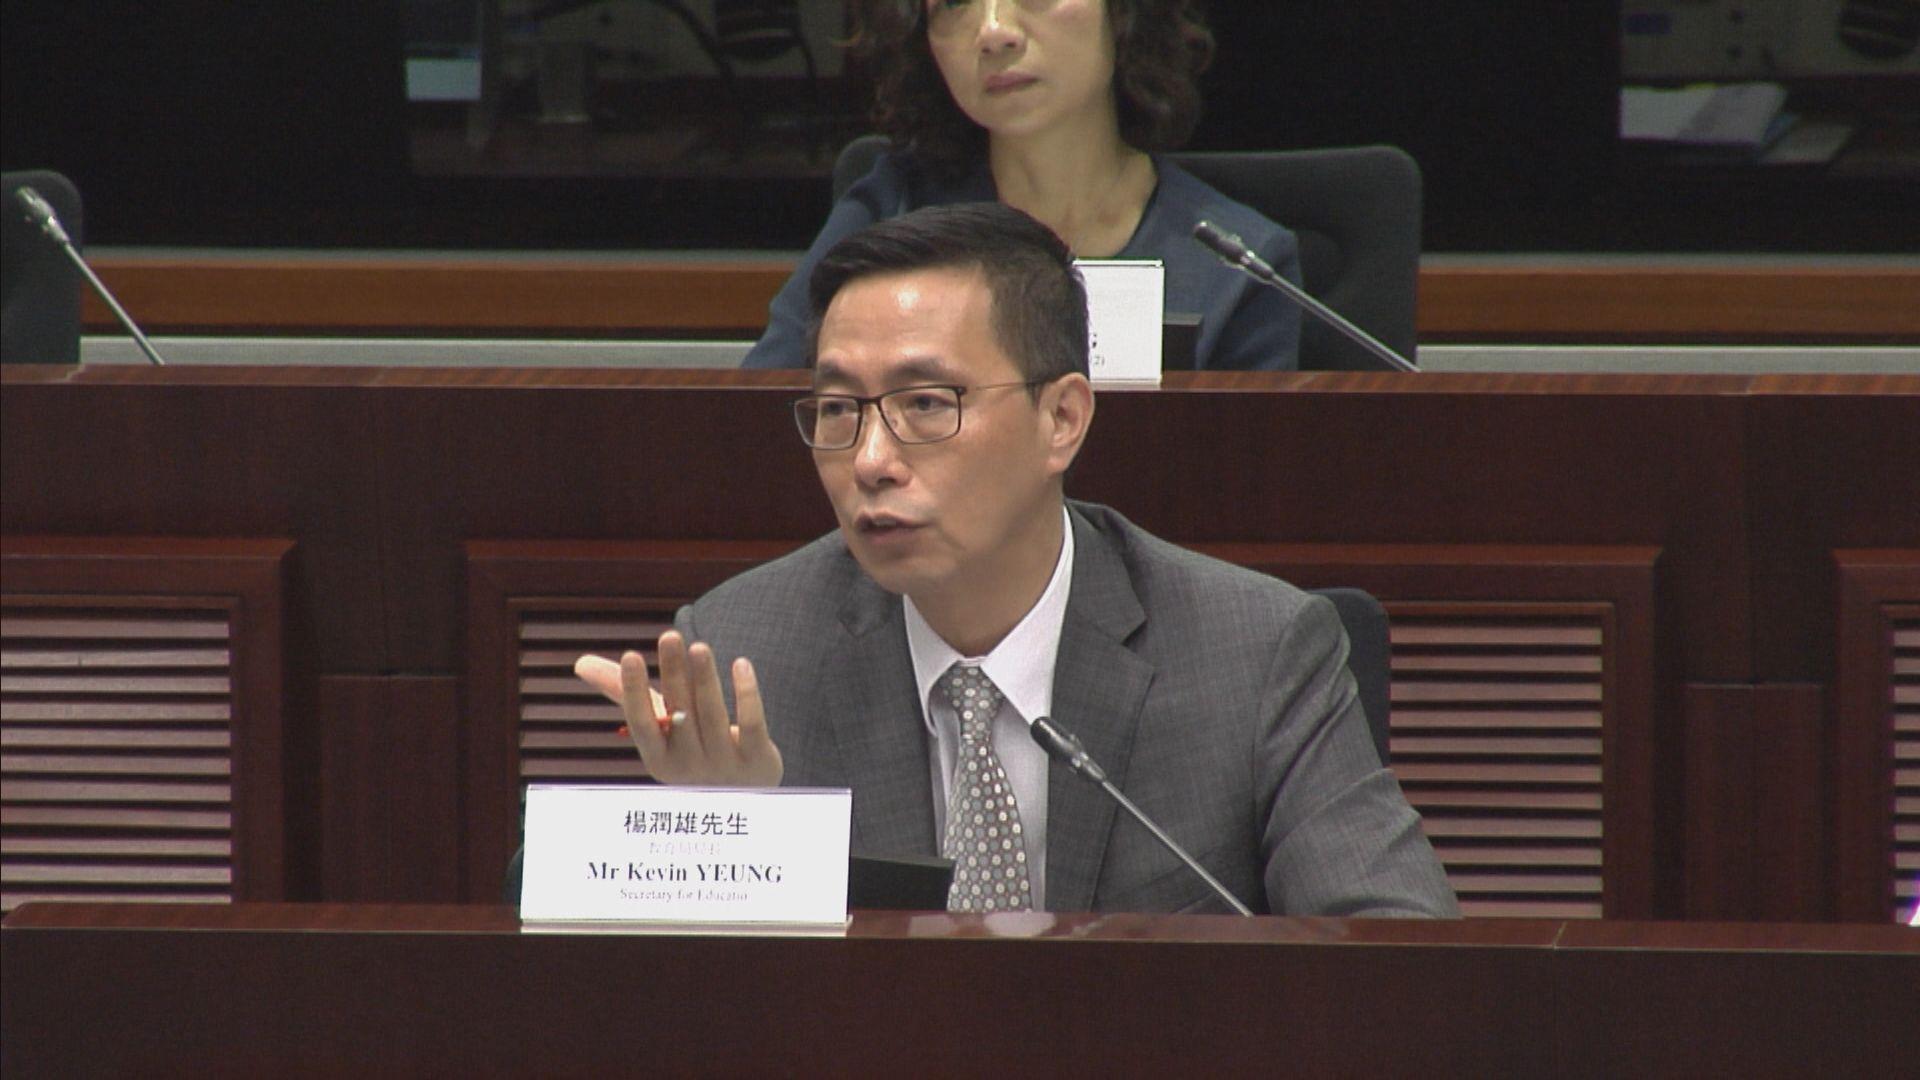 教育局將檢視中文科課程 最快年底交報告